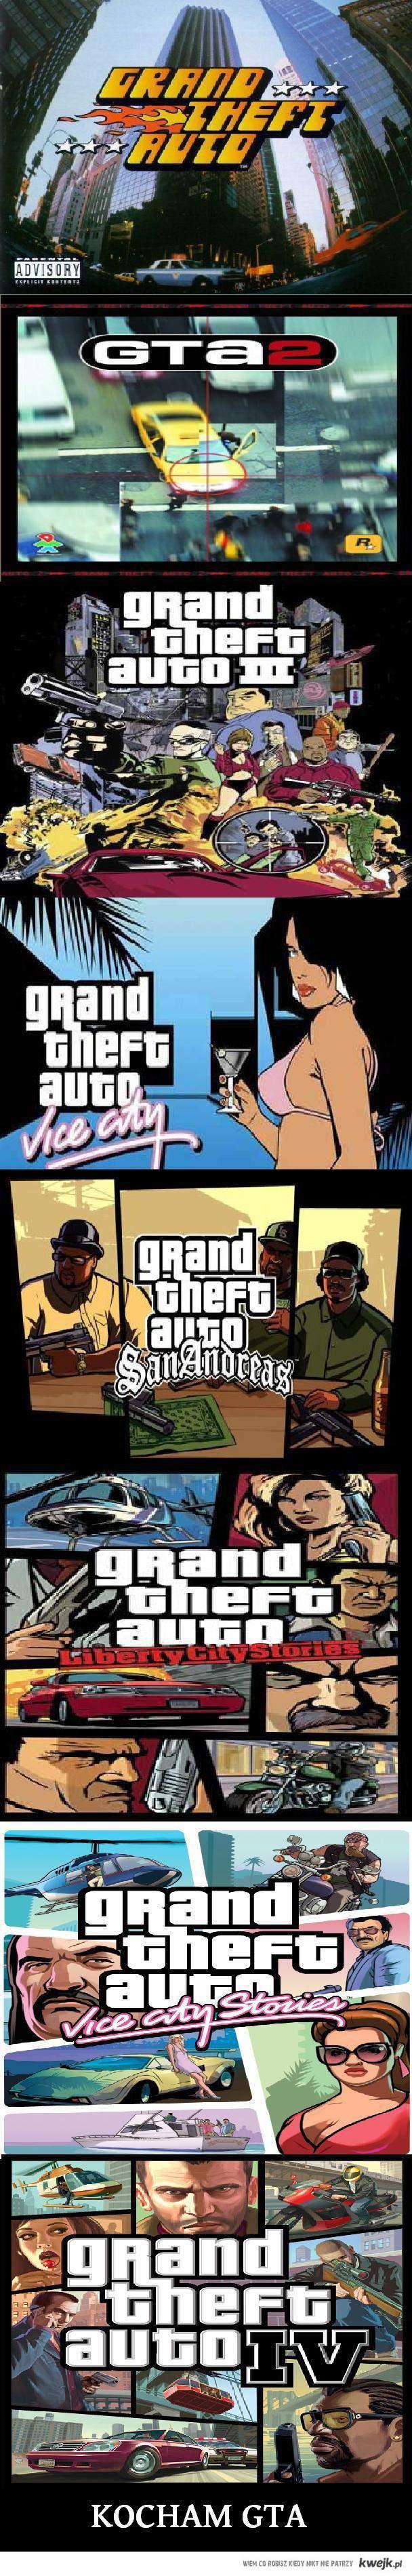 GTA LOVE